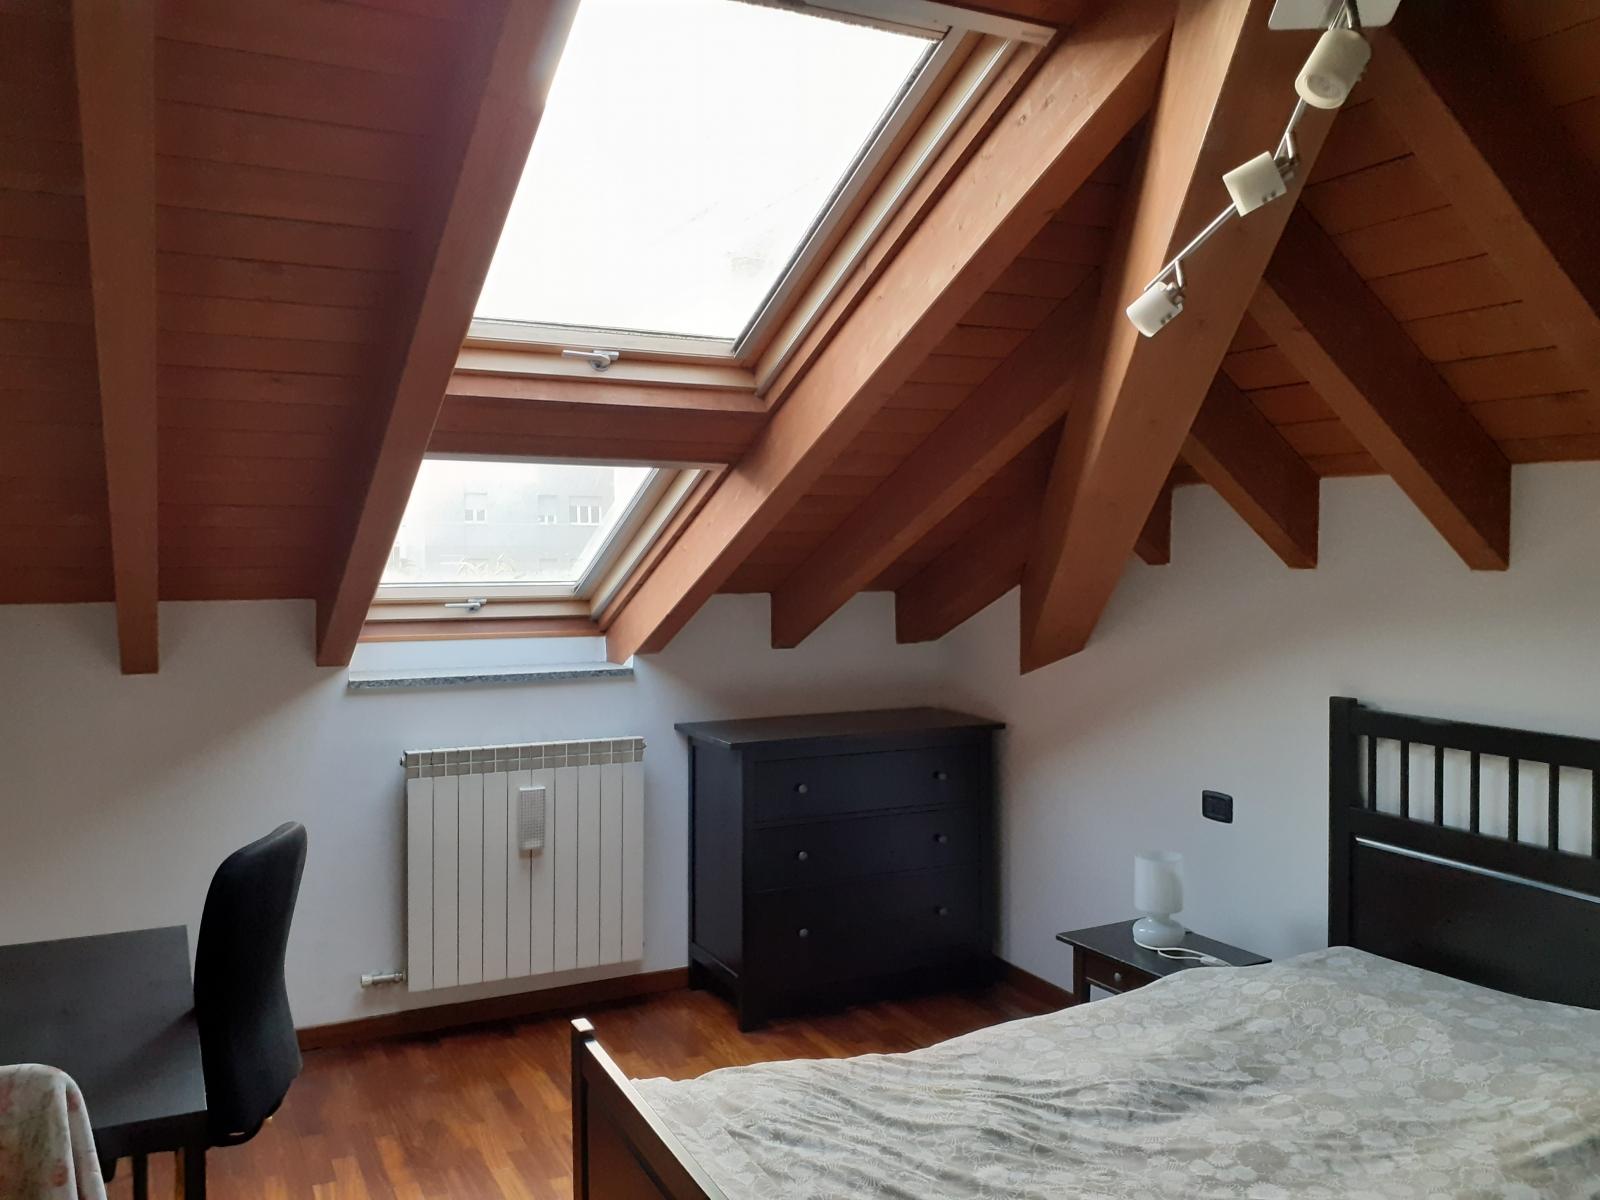 appartamento-in-vendita-a-rho-mansarda-2-3-locali-spaziourbano-immobiliere-vende-5